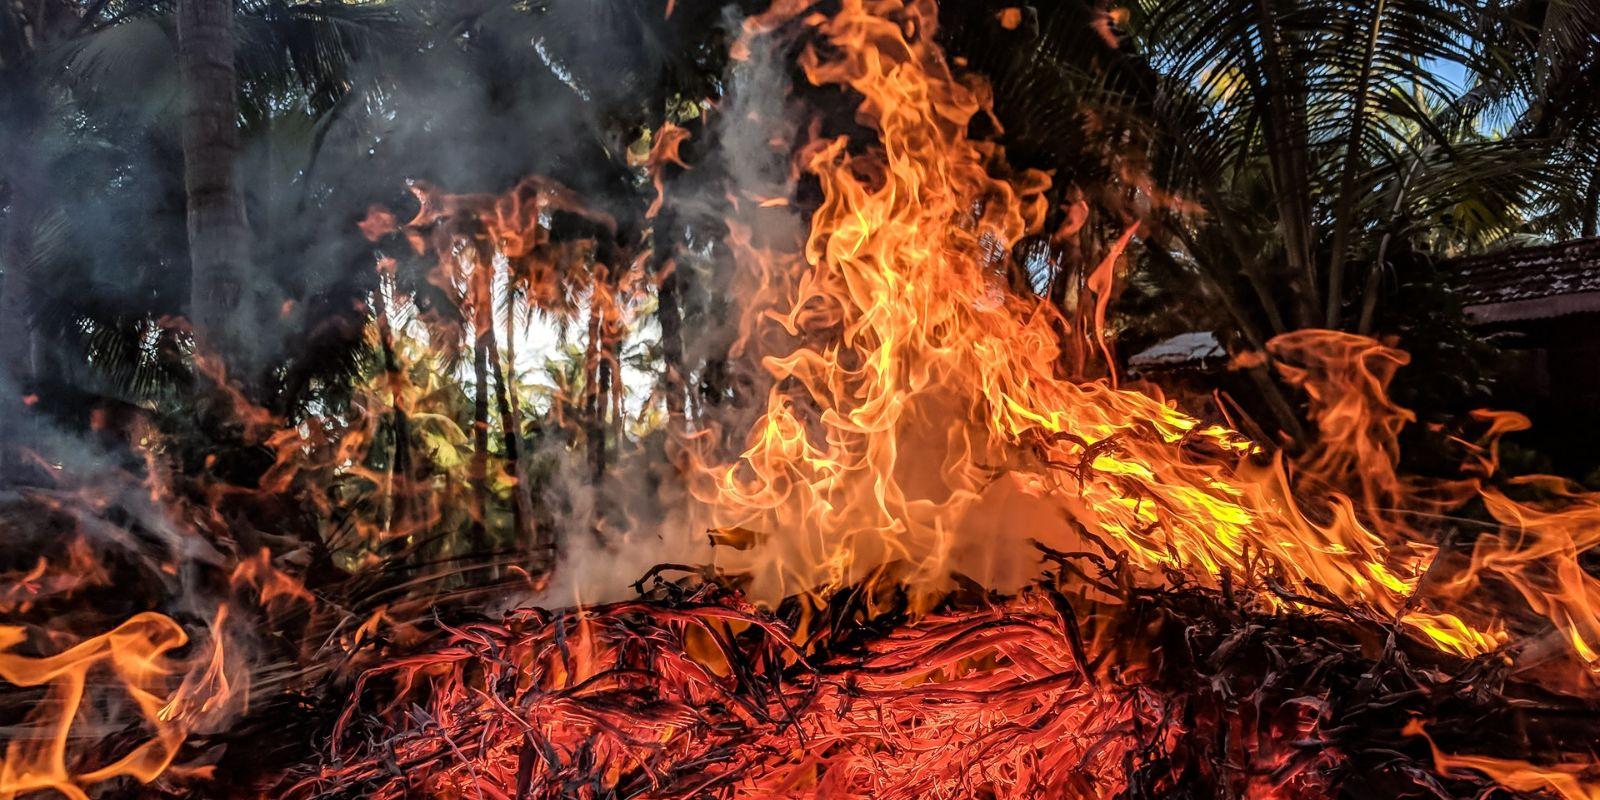 Ipari-levegőszennyezés, erdőtűz, mint a legfőbb globális kornyezeti probléma